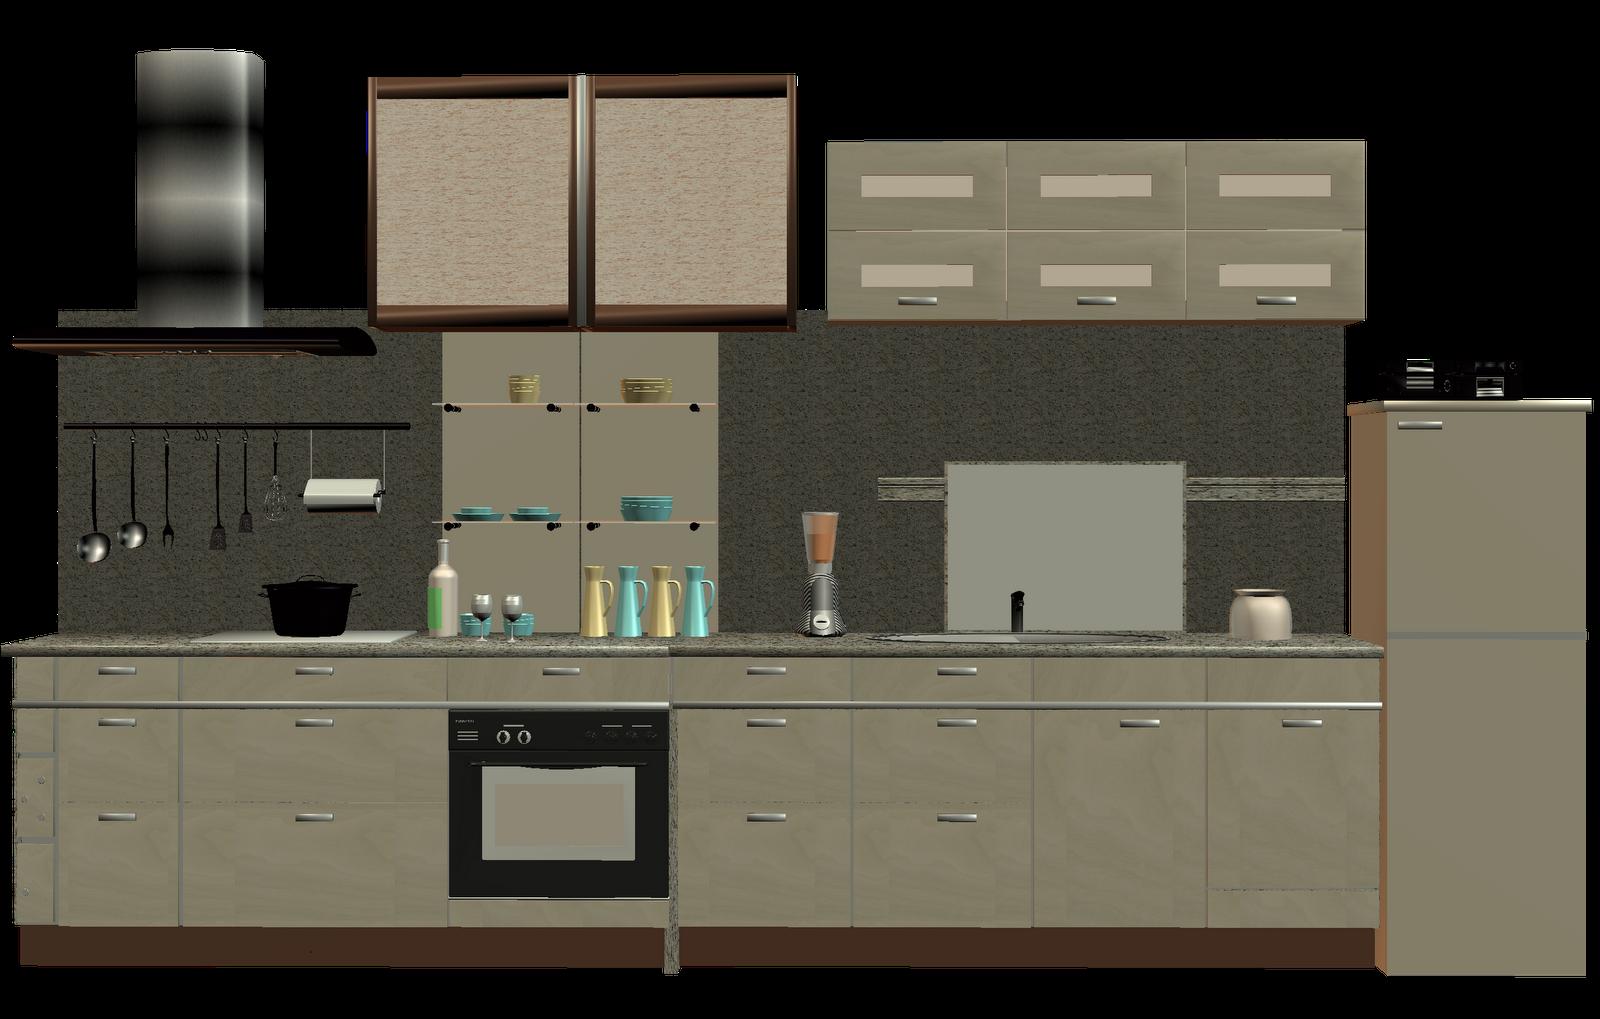 Clipart kitchen kitchen layout. Modern ideas hd best